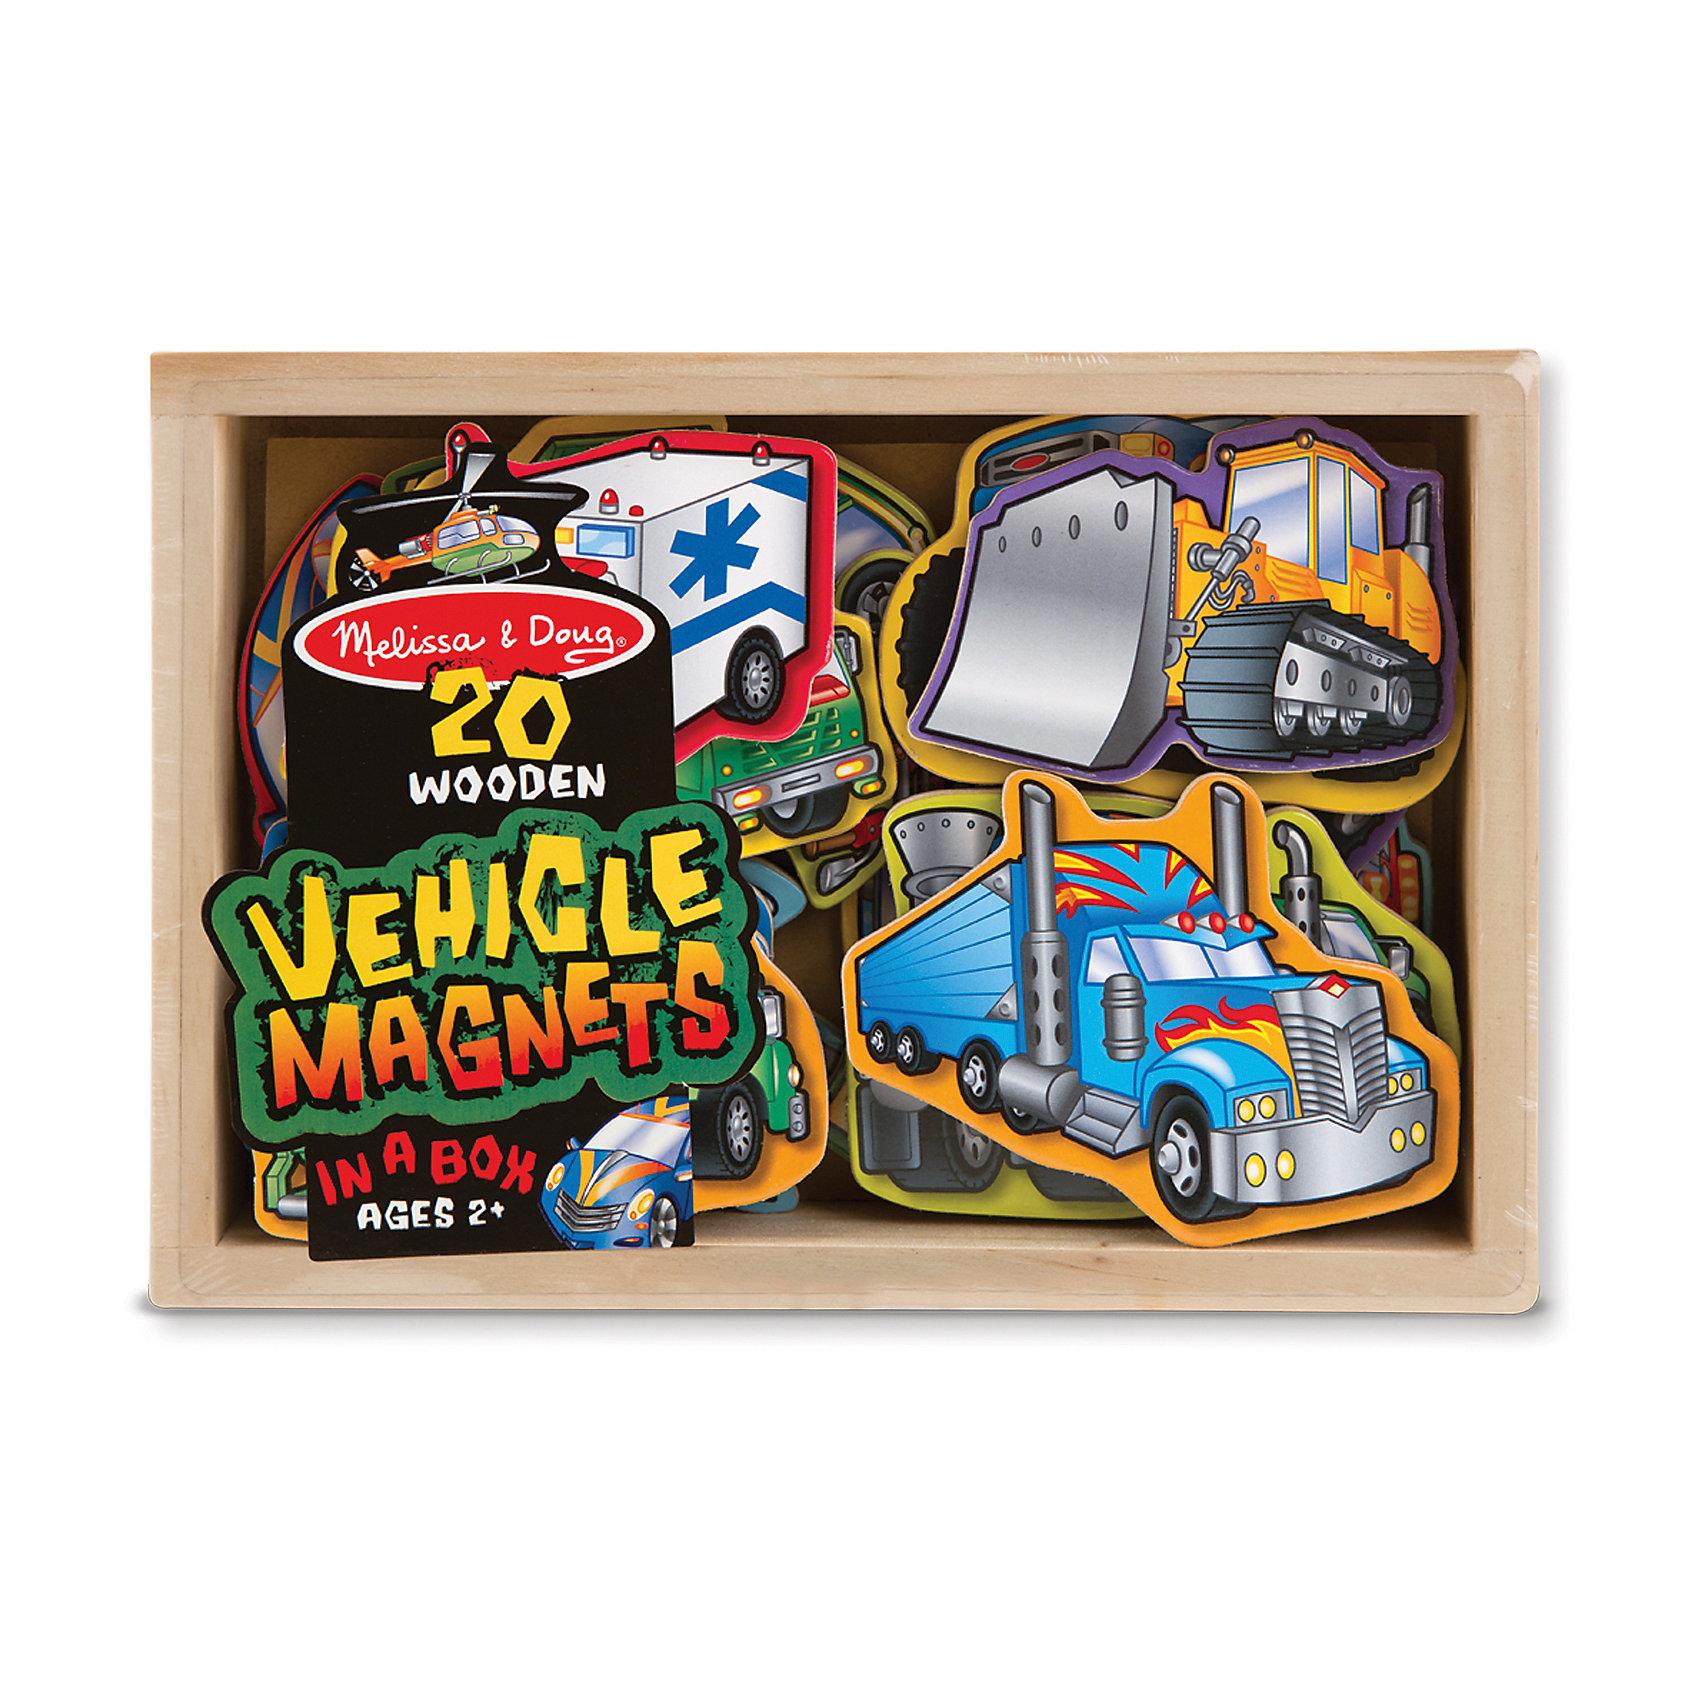 Магнитная игра Автомобили, Melissa &amp; DougЗамечательная магнитная игра Автомобили от известного американского бренда Melissa &amp; Doug для мальчика. Набор содержит 20 видов автомобилей, некоторые из которых уже хорошо известны малышу, а с некоторыми придется познакомиться в процессе игры. Скорая помощь, самолет, вертолет, строительная техника, мотоцикл, лимузин - что выберет Ваш сын? Каждая фигурка выполнена из дерева с магнитом, поэтому легко крепится к холодильнику, пока мама готовит, либо к магнитной доске. Игровой набор обладает следующими особенностями:<br>- качественные материалы, приятные на ощупь;<br>- яркие насыщенные цвета;<br>- хорошие понятные изображения;<br>- прочный деревянный ящик для хранения и транспортировки.<br>Отличная игра для юного автолюбителя!<br><br>Дополнительная информация:<br>- вес: 408 гр;<br>- габариты: 140х200х40 мм;<br>- рекомендуемый возраст: от 1 года при участии родителей;<br>- состав: дерево, прессованный картон, пвх.<br><br>Магнитную игру Автомобили Melissa &amp; Doug можно купить в нашем магазине<br><br>Ширина мм: 140<br>Глубина мм: 200<br>Высота мм: 40<br>Вес г: 408<br>Возраст от месяцев: 24<br>Возраст до месяцев: 60<br>Пол: Унисекс<br>Возраст: Детский<br>SKU: 3927716